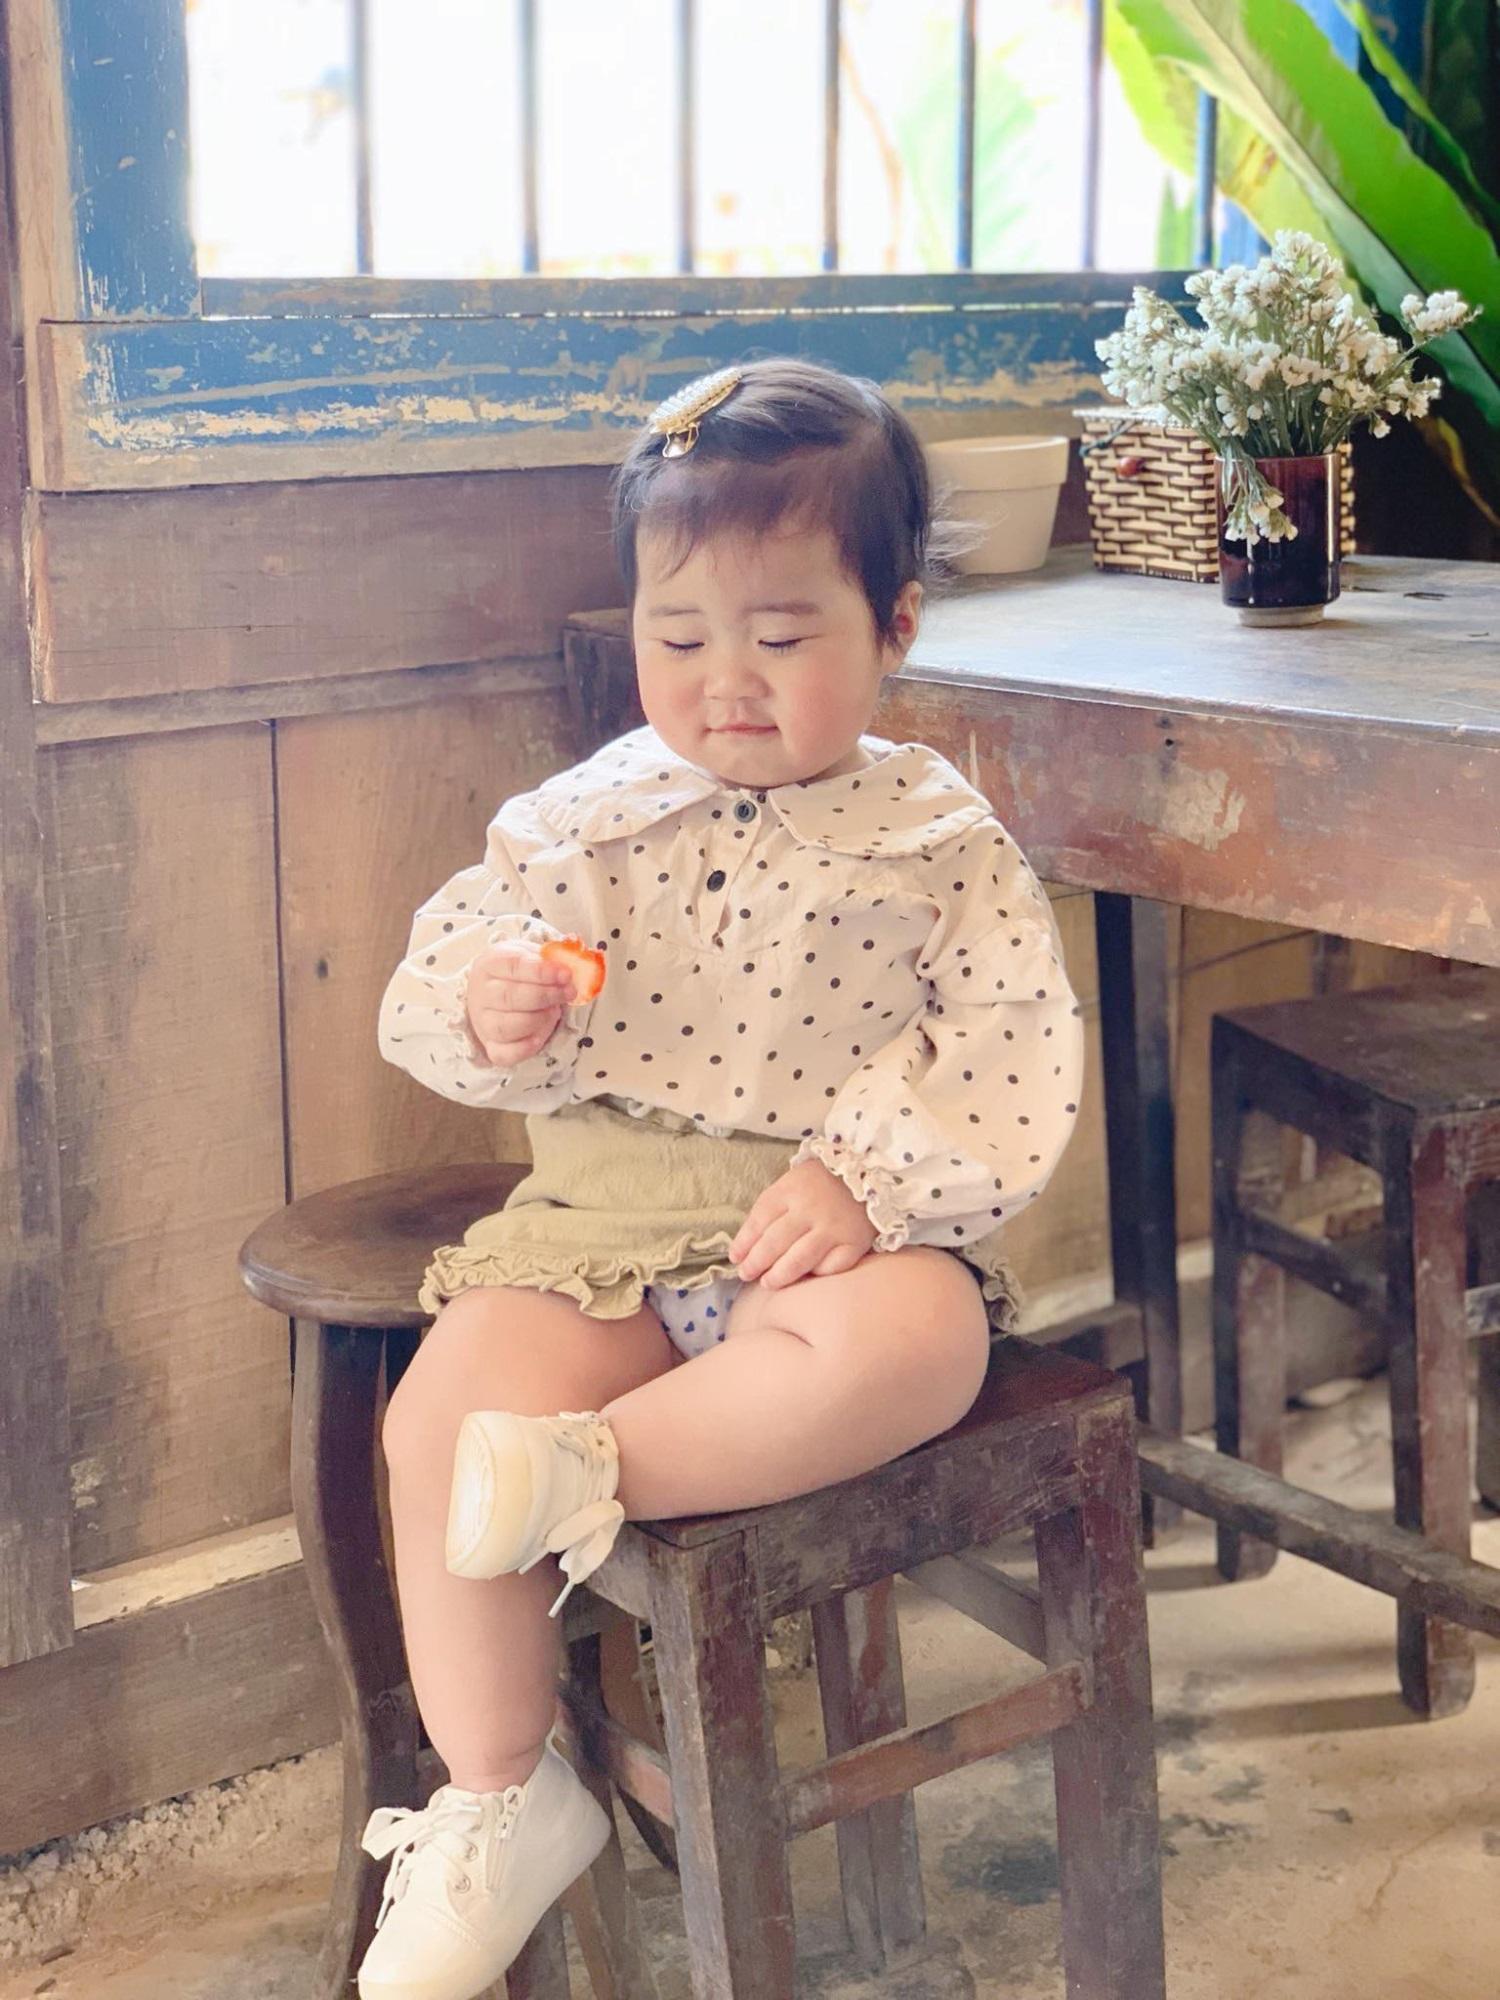 Mẹ trẻ tiết lộ bí quyết nuôi con thích ăn rau nhưng lại bụ bẫm, khỏe mạnh, chưa 1 lần dùng đến kháng sinh - Ảnh 9